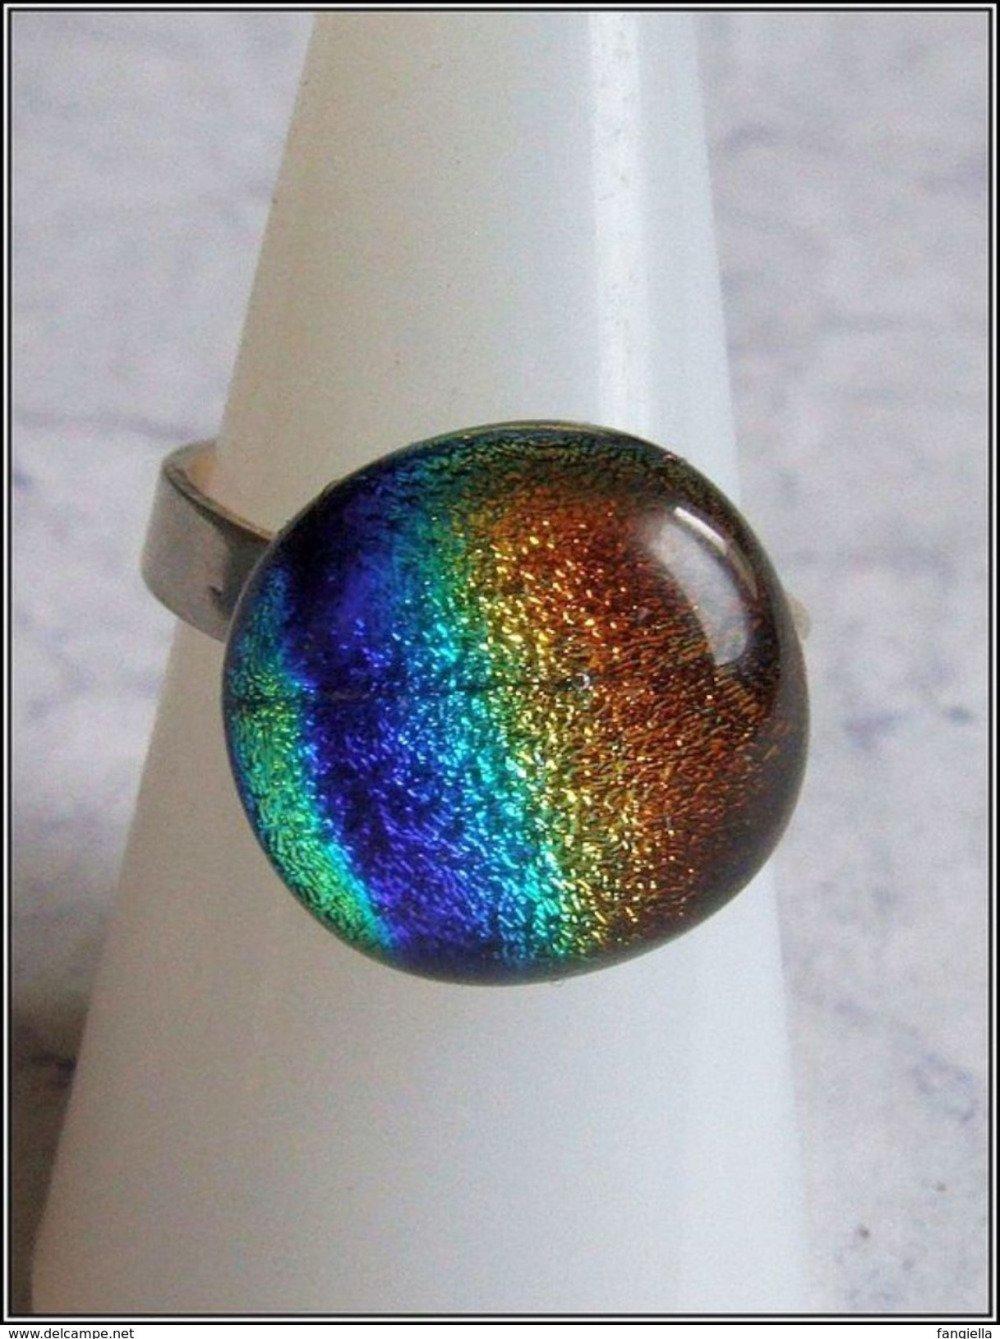 Bague en verre artisanal dichroic multicolore sur anneau réglable en argent massif